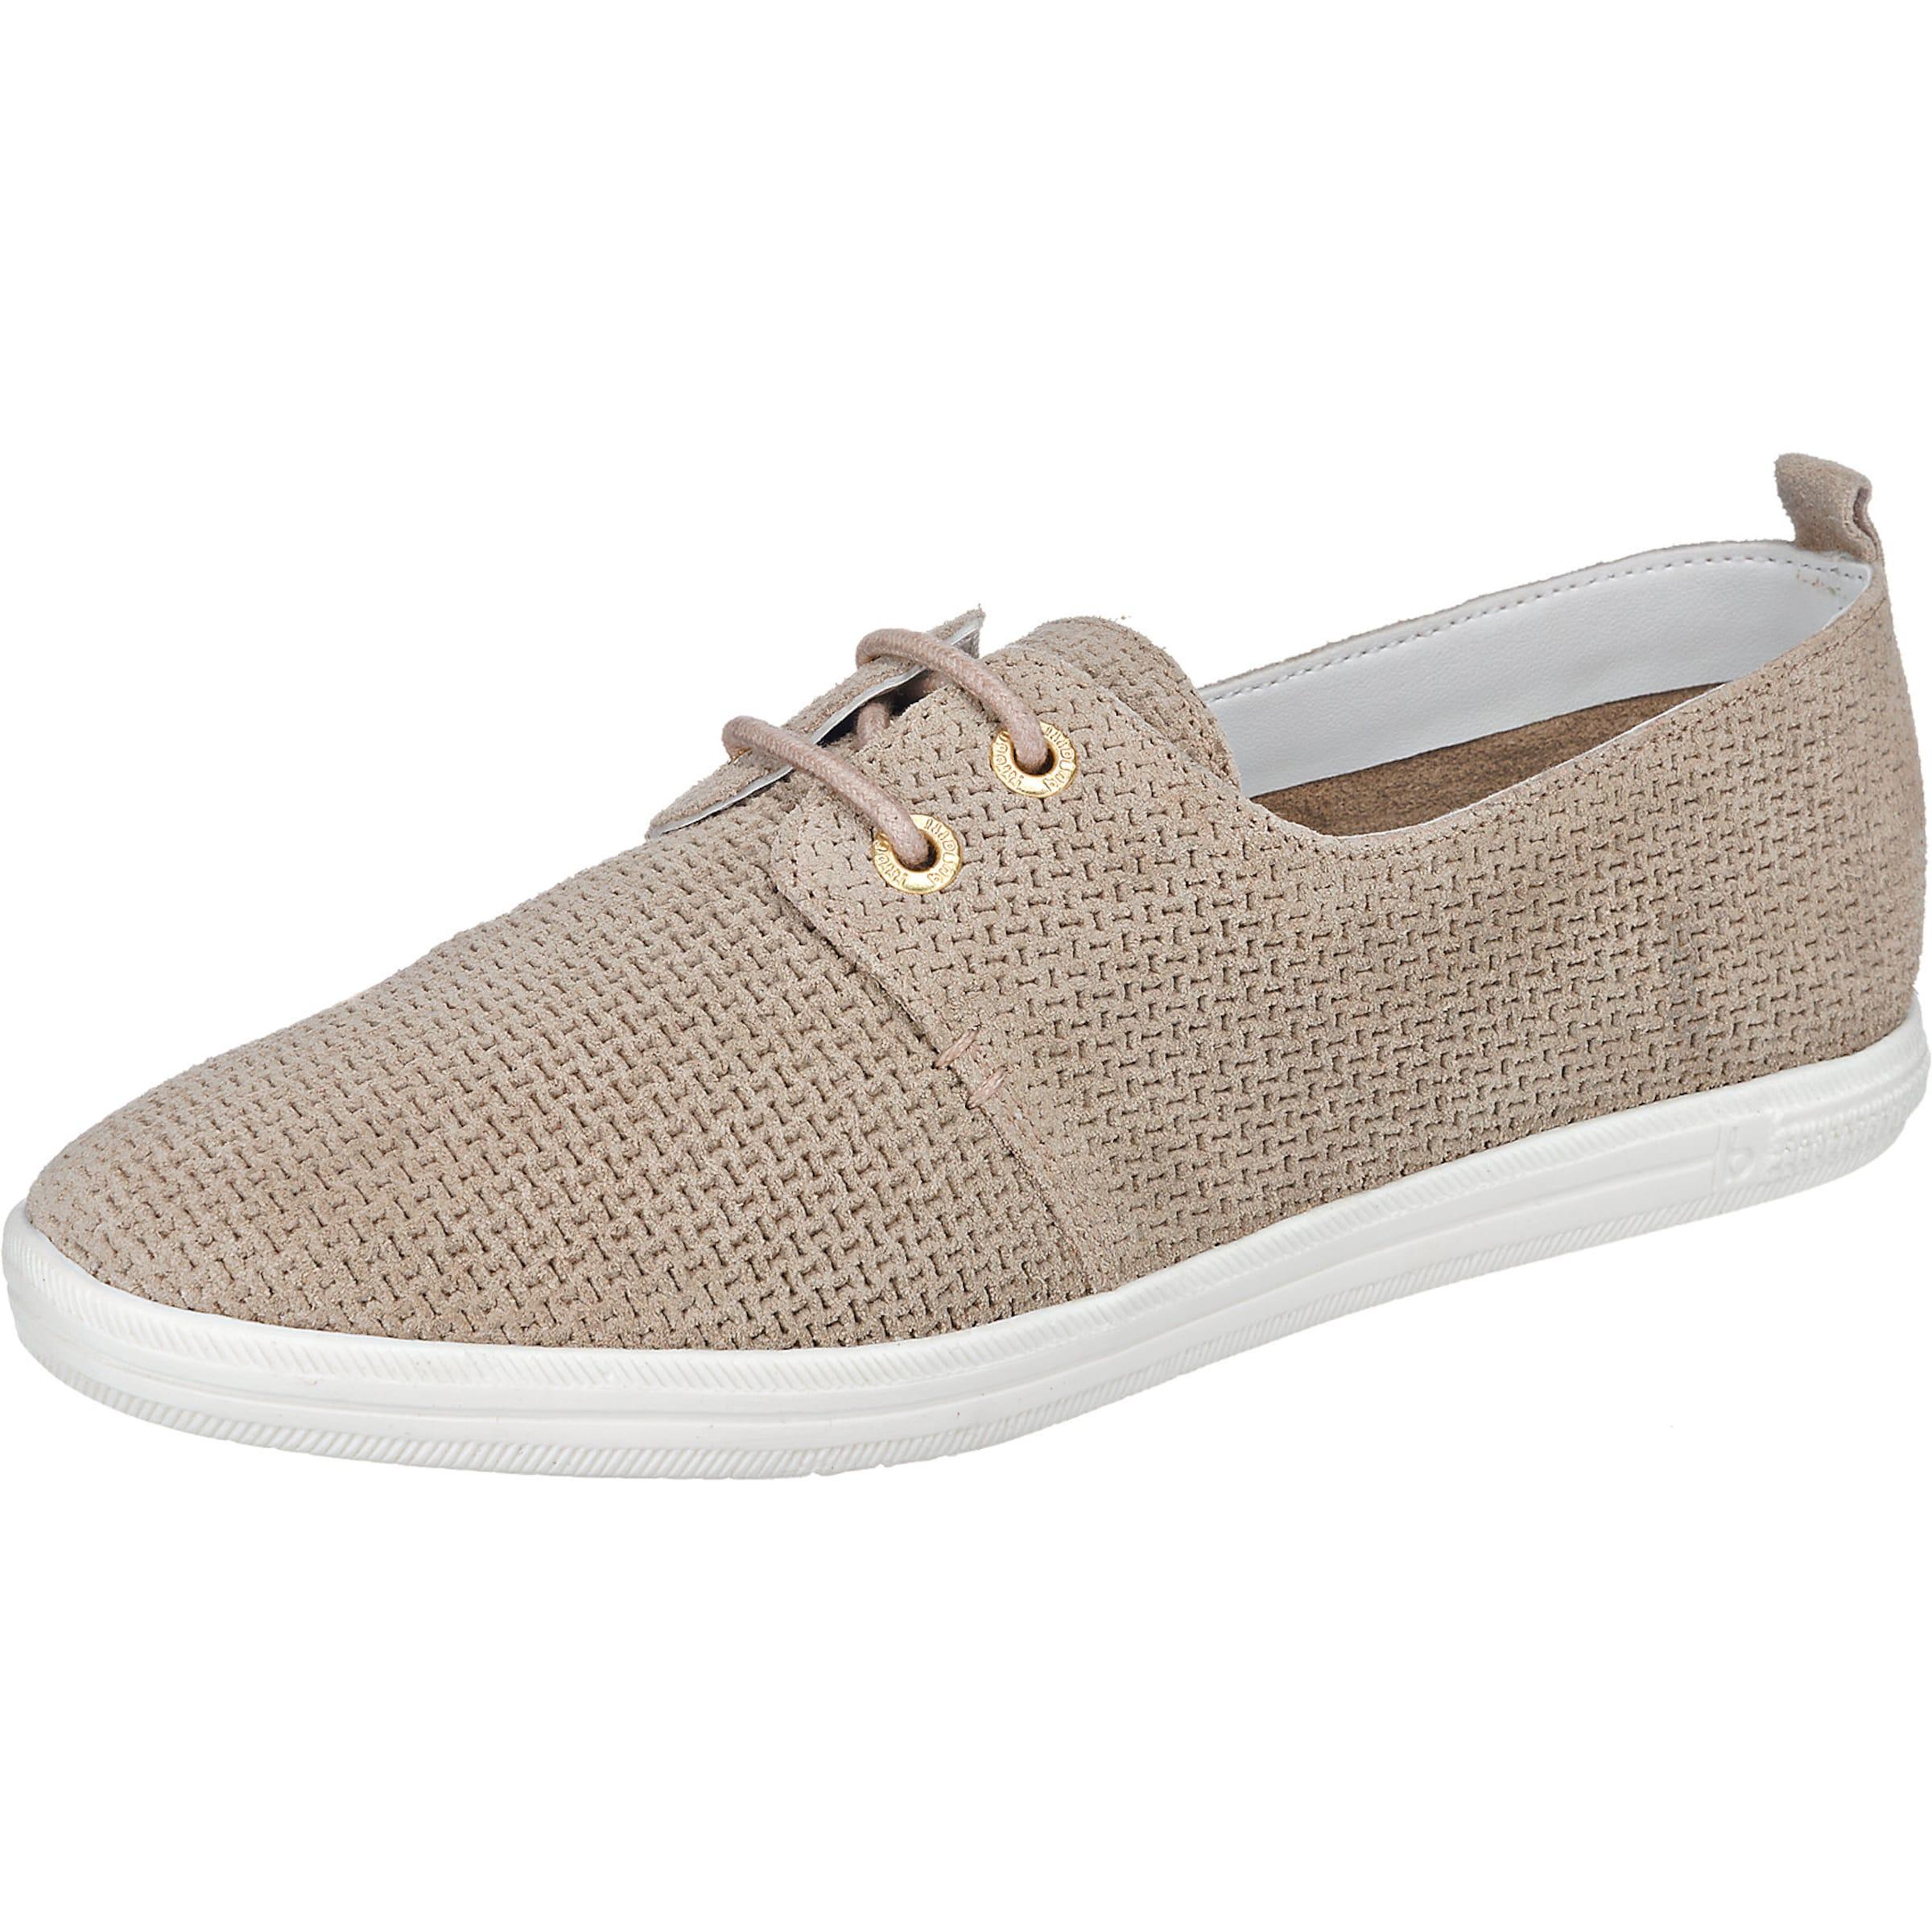 bugatti Sneakers 'Kaya Evo' Verkauf In Mode Heißen Verkauf Günstiger Preis Billig Footlocker 0d5iYrRaHG